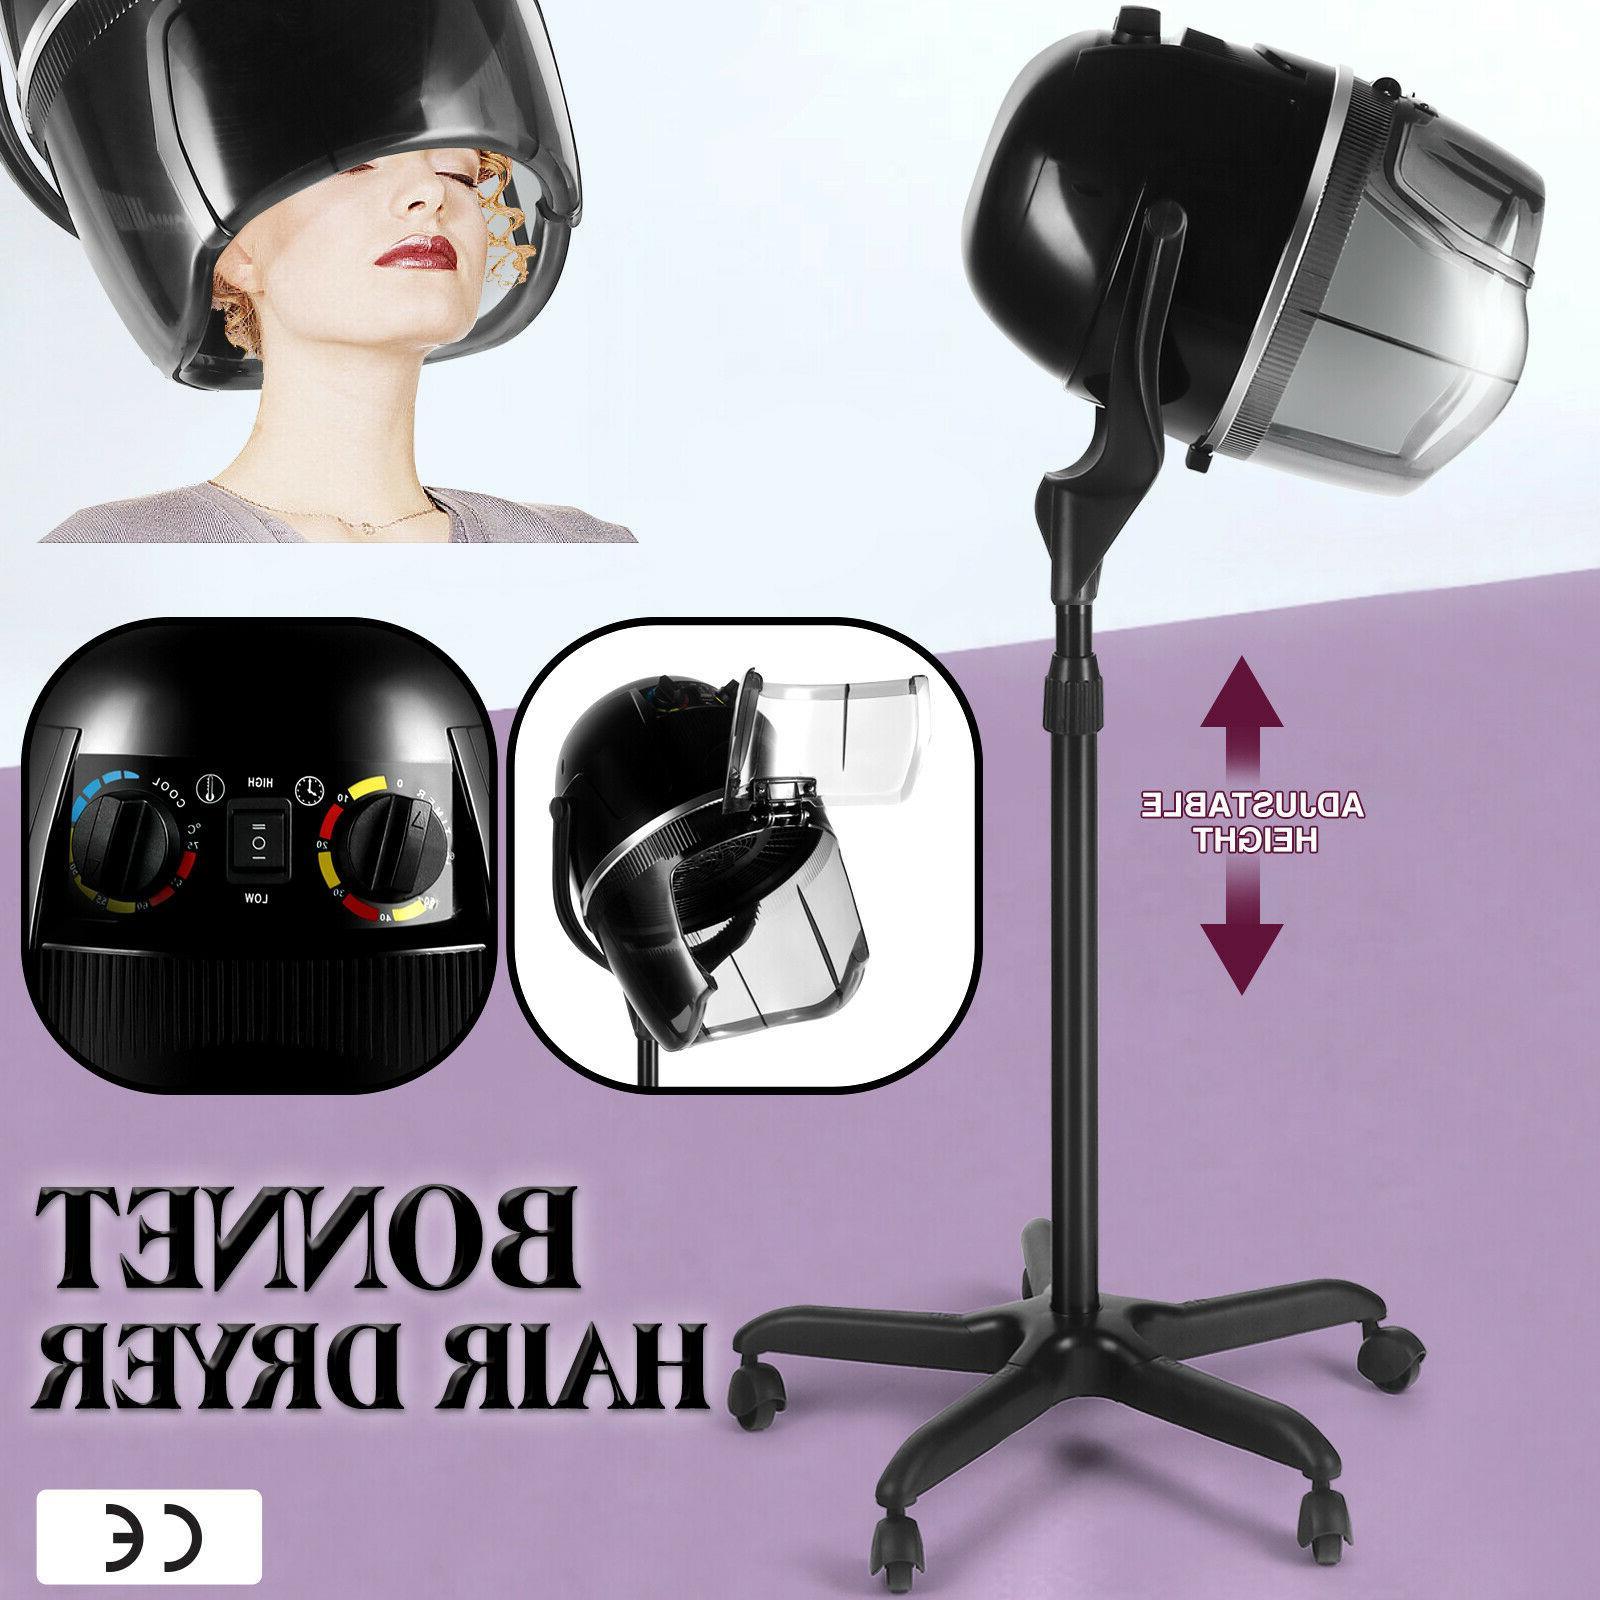 pro adjustable bonnet hair dryer timer swivel